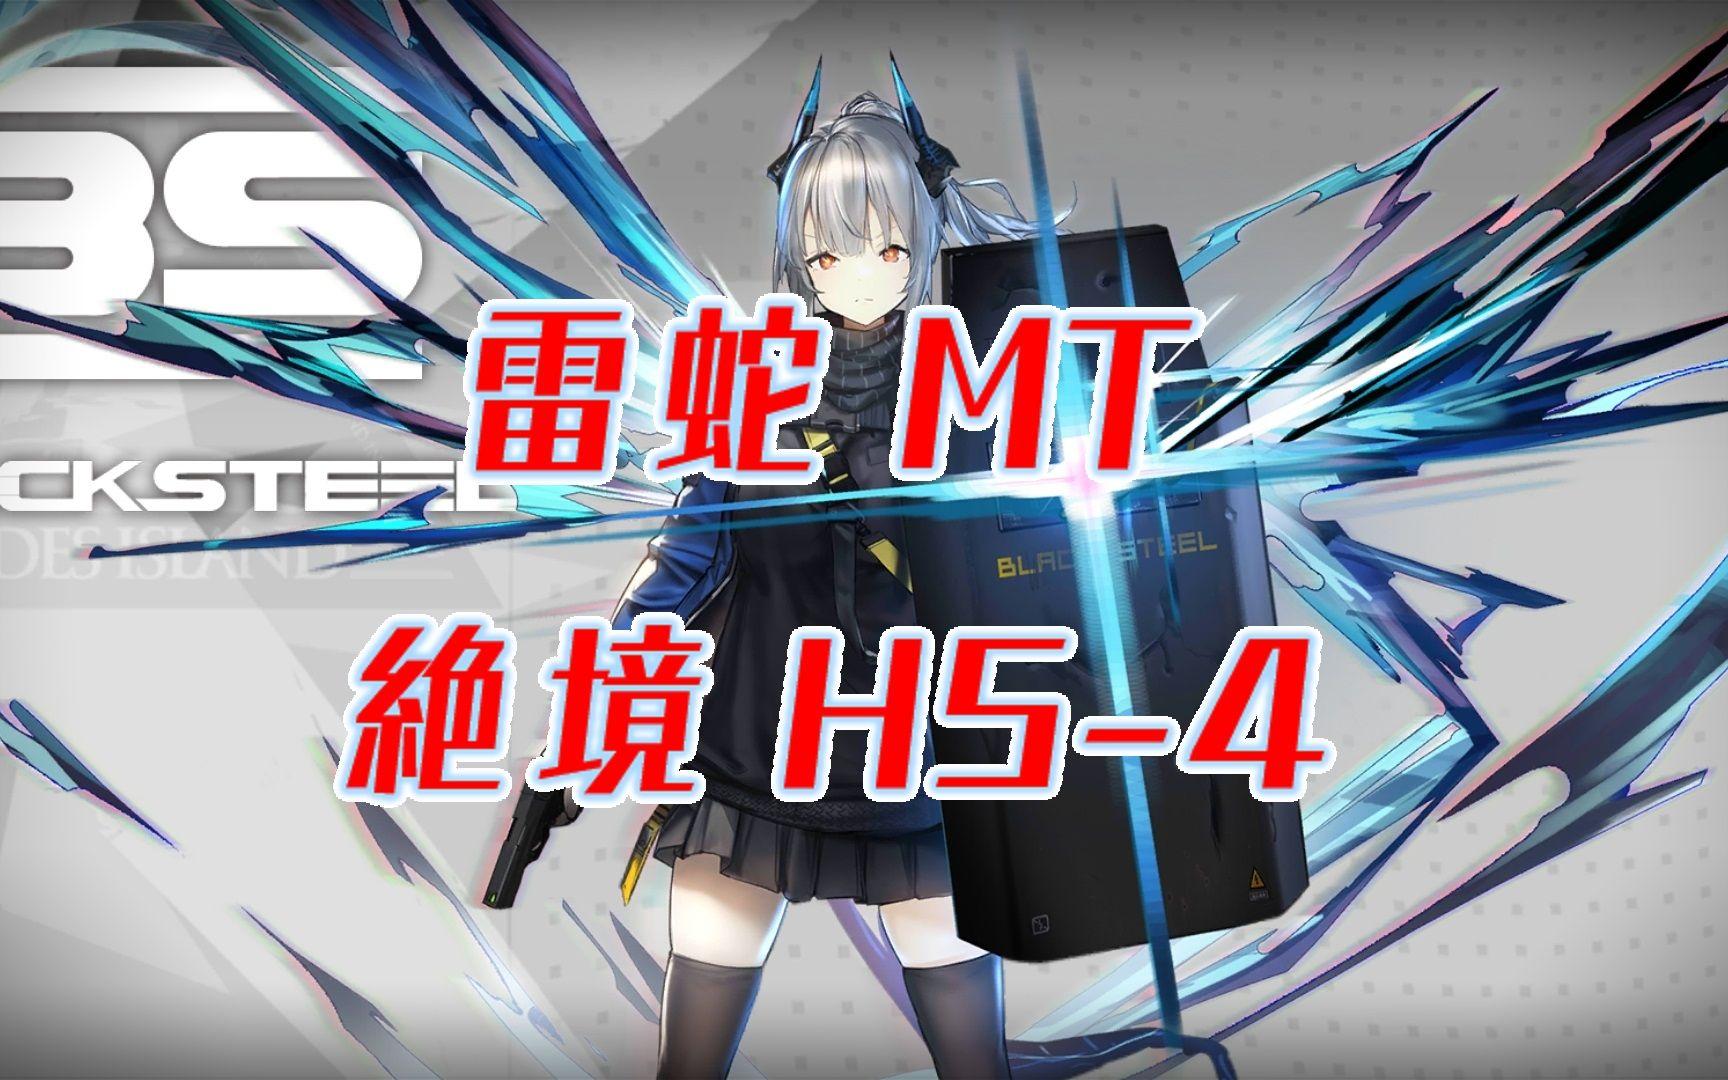 绝境作战H5-4!雷蛇MT!